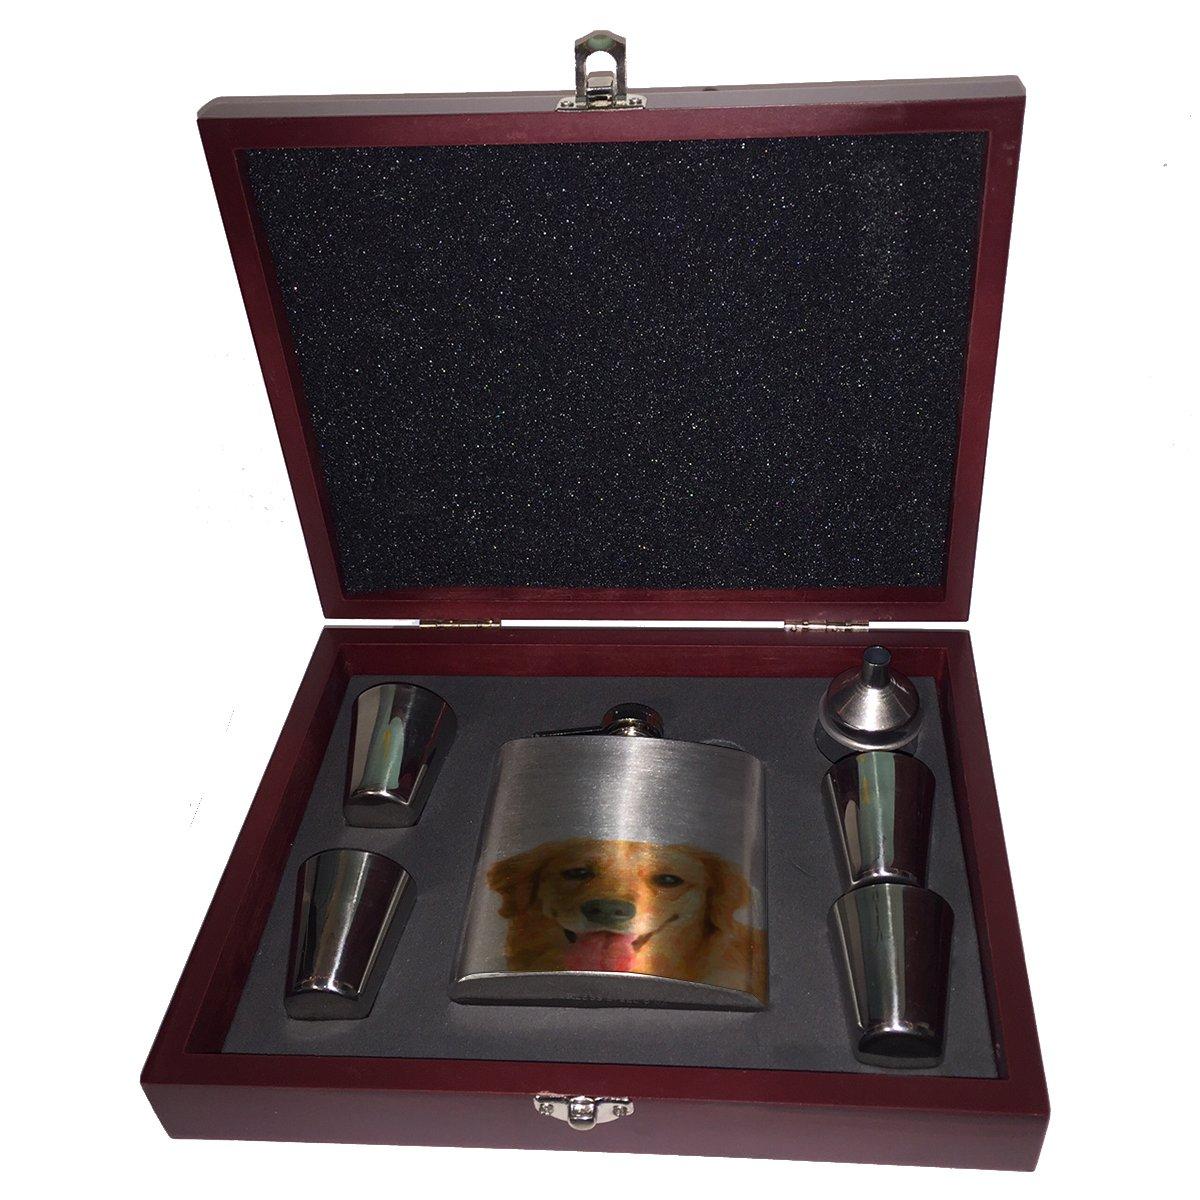 『4年保証』 Golden Retriever Retriever – フラスコ木製ボックスギフトセット B01JYSON5G – B01JYSON5G, 錦鯉のカネヒコ:c95aa8ff --- a0267596.xsph.ru